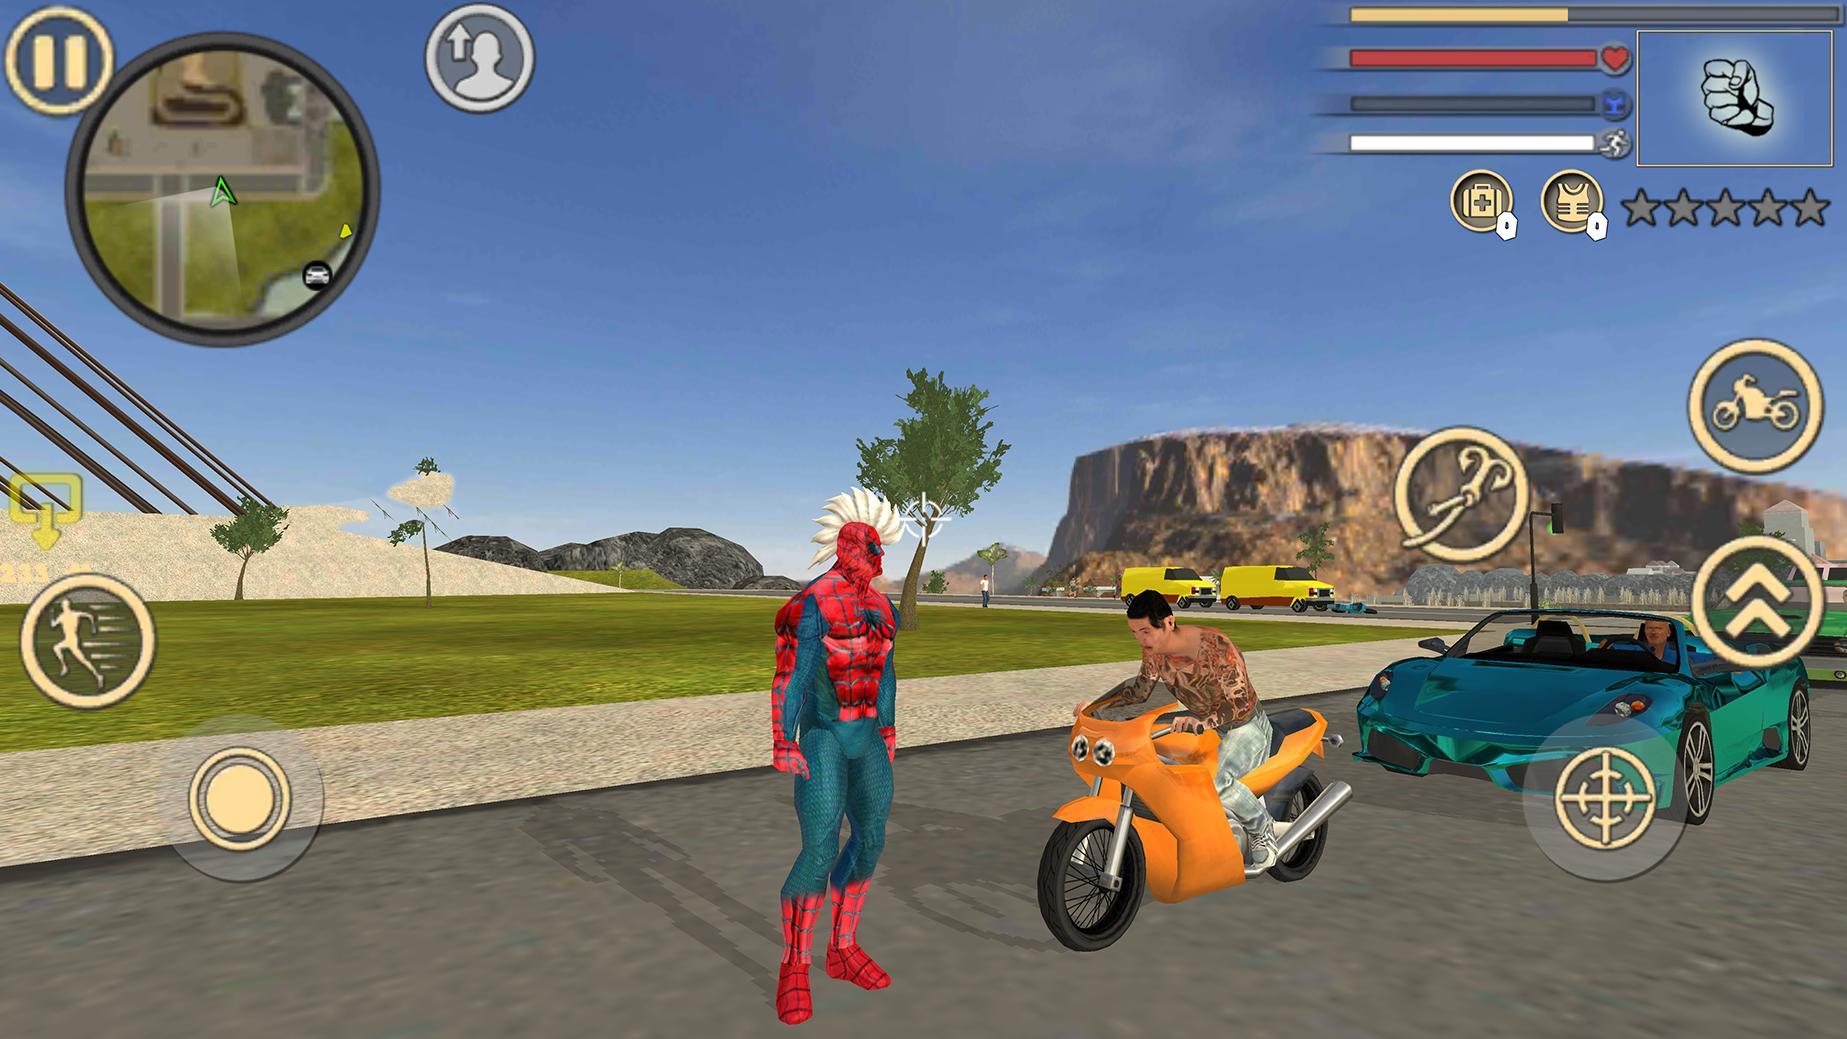 Spider Rope Hero Vice Town 1.2 Screenshot 3